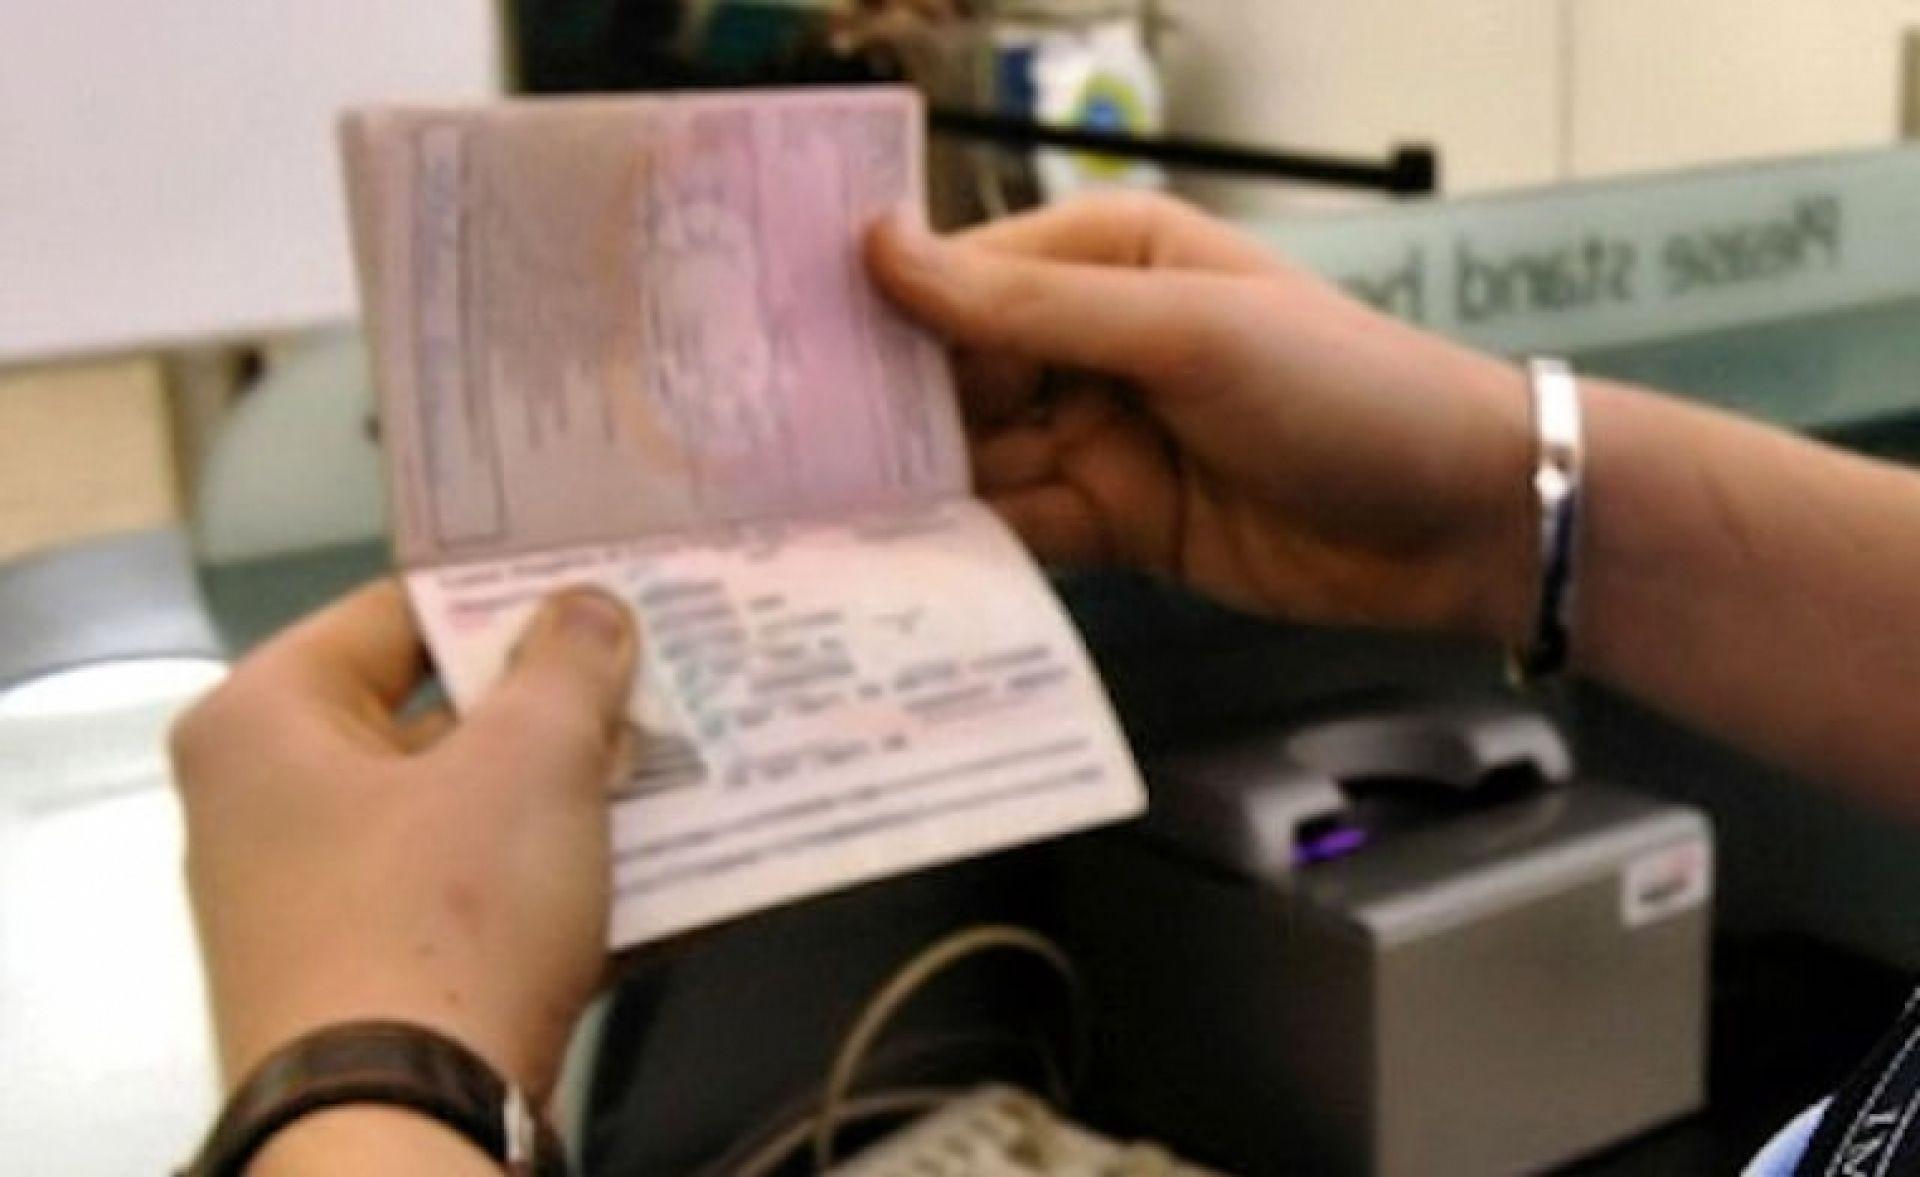 Σύλληψη αλλοδαπού στο αεροδρόμιο Ακτίου